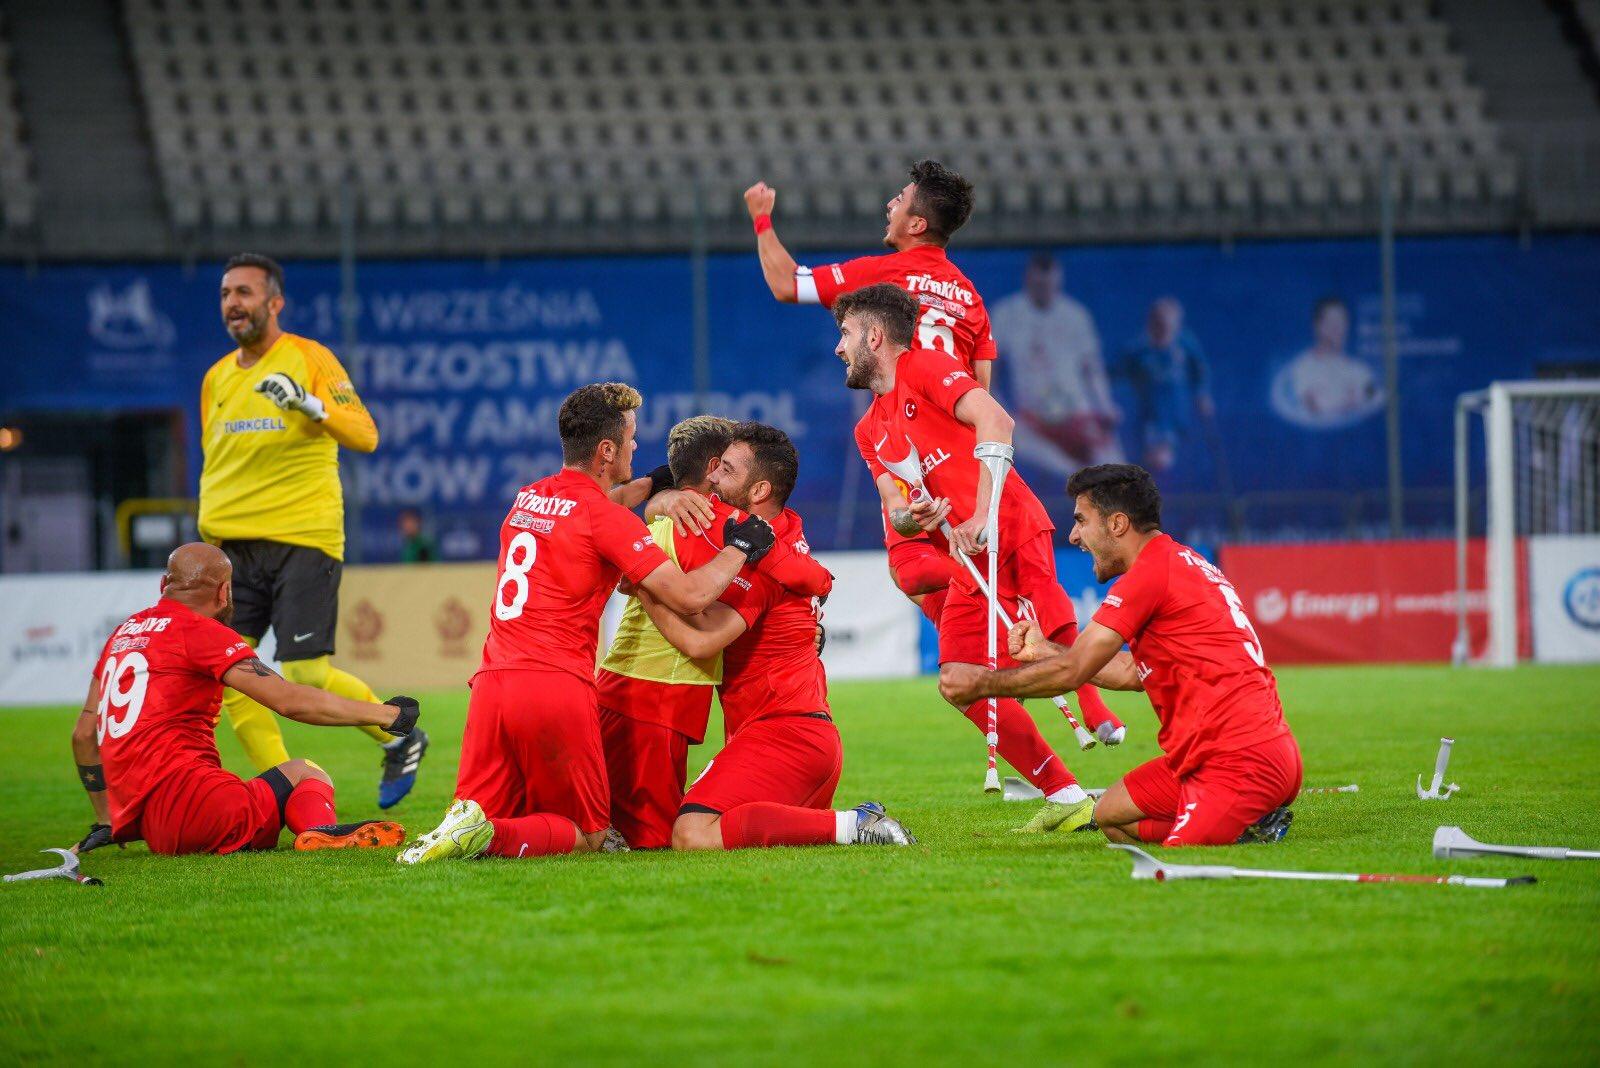 Ampute Futbol Milli Takımımız Avrupa Şampiyonu!